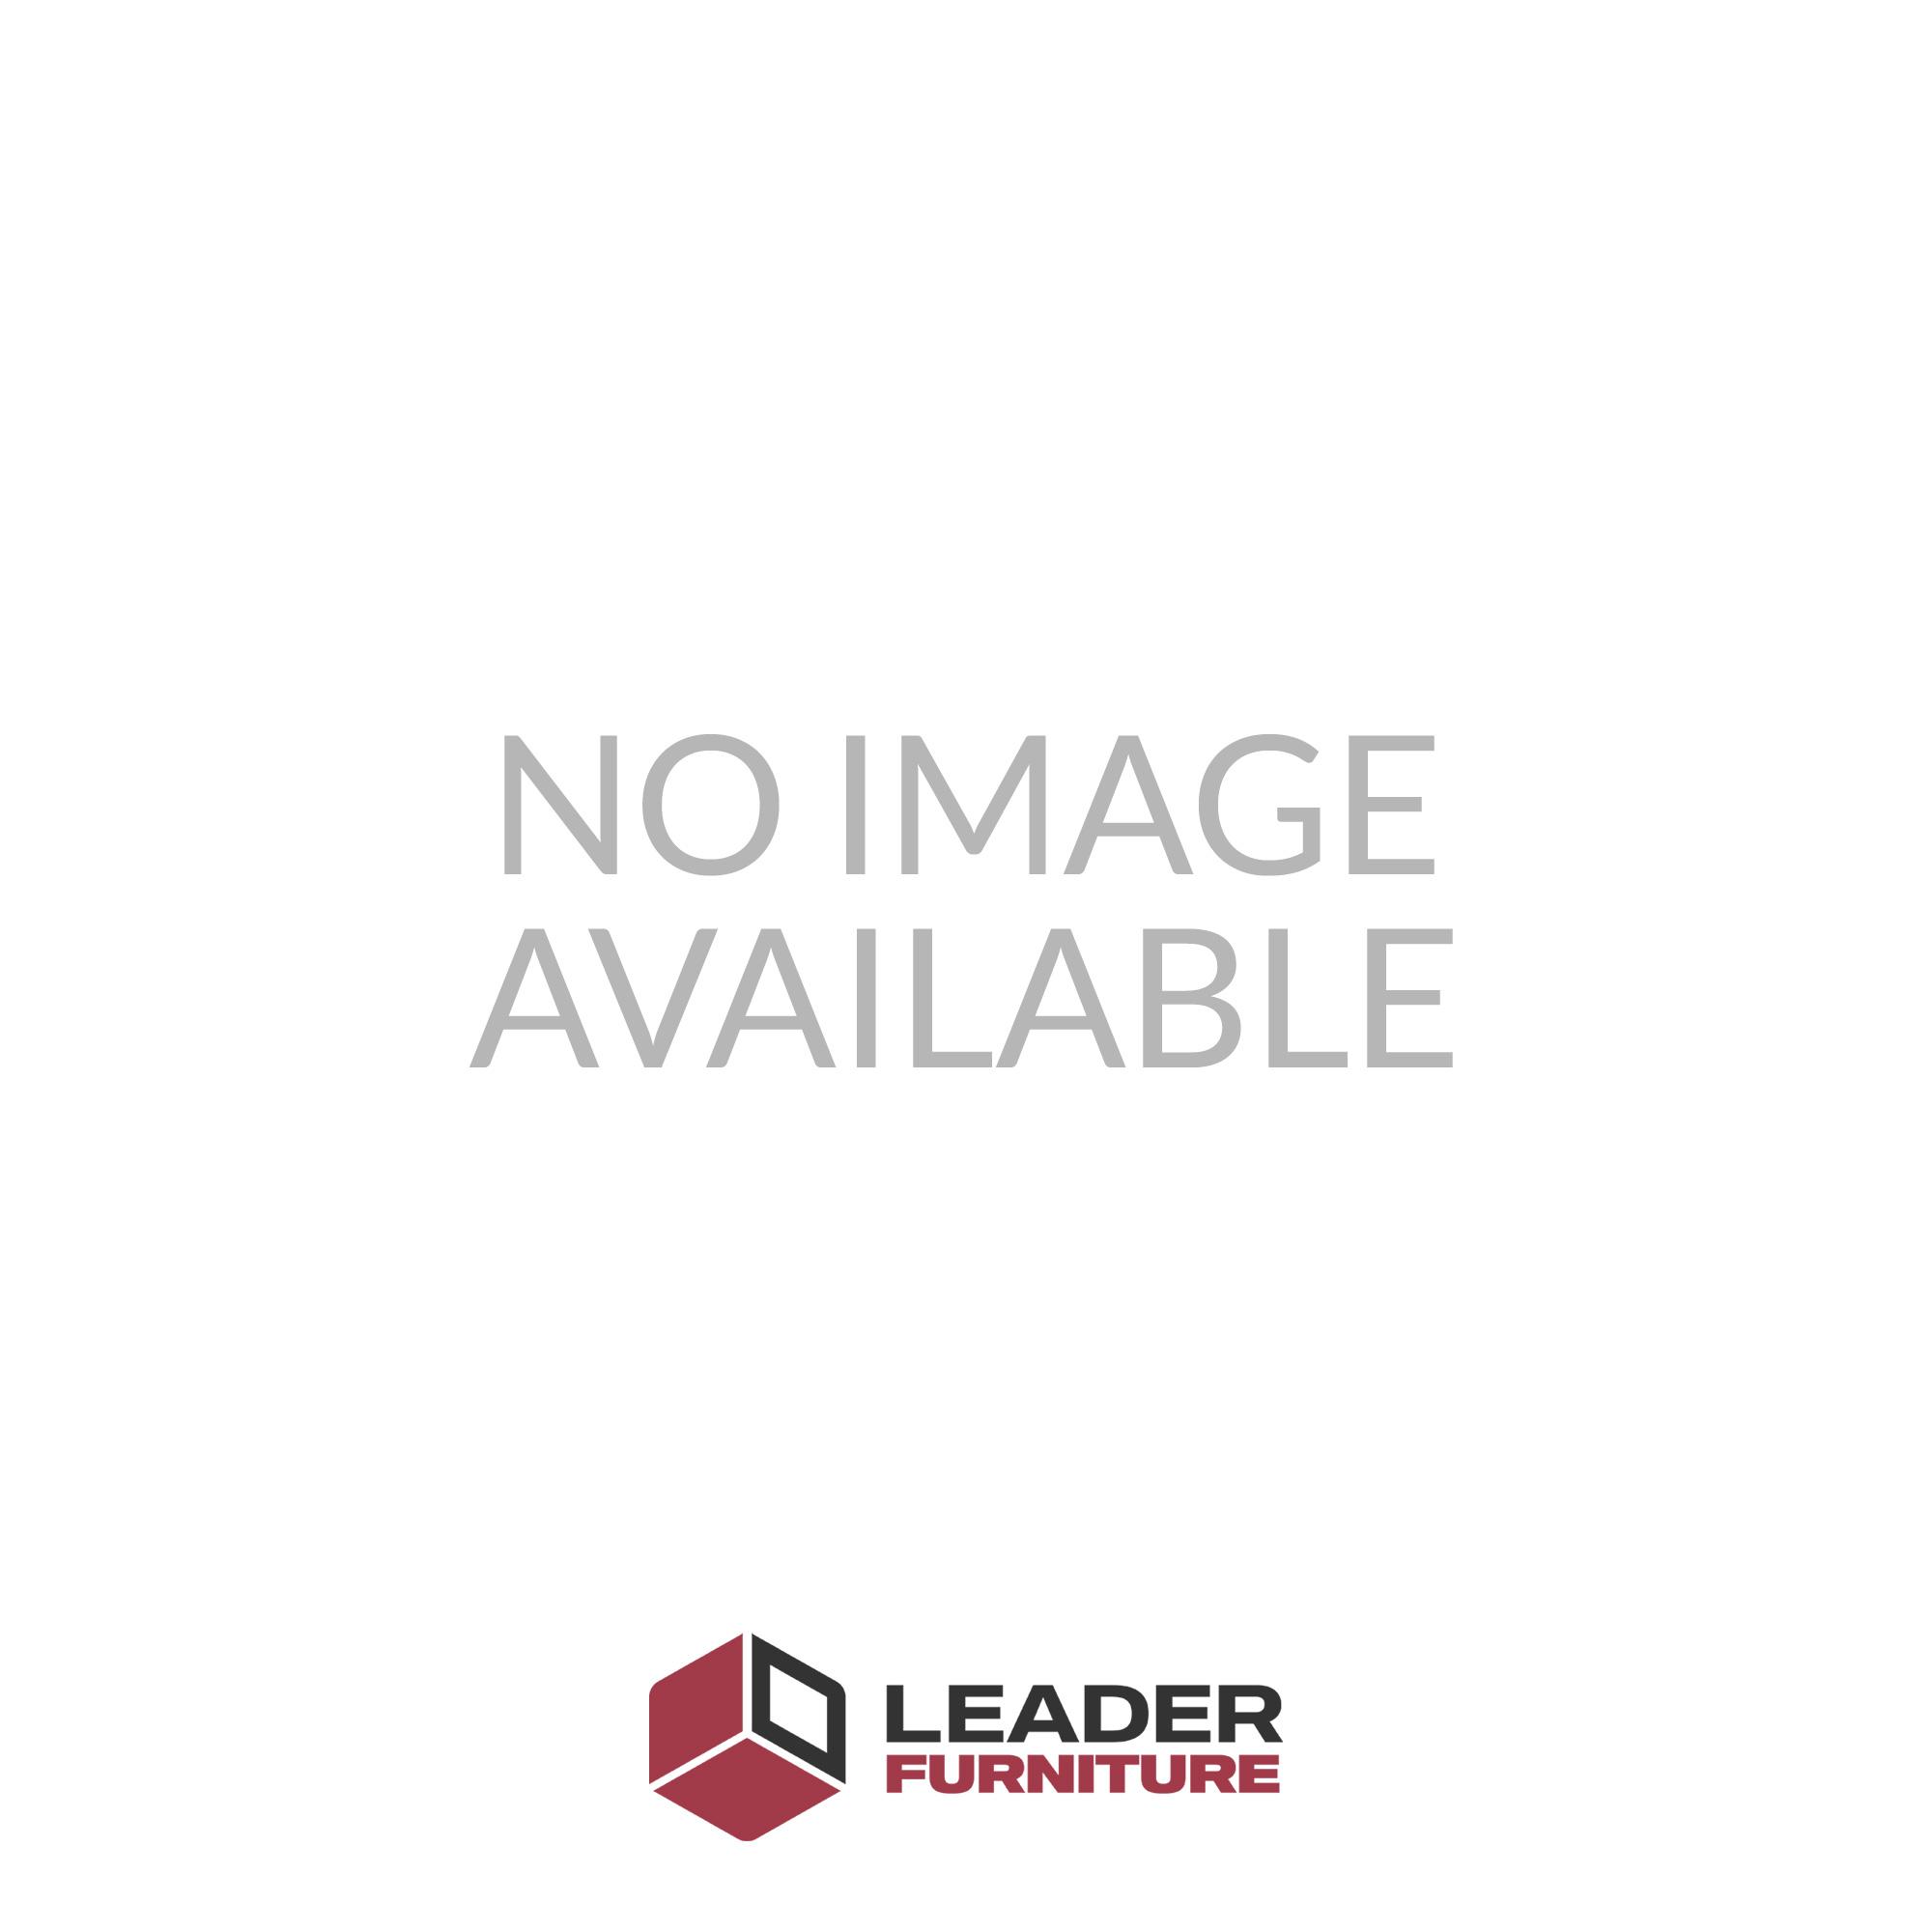 Beech Laminate Flooring Shop For Cheap Flooring